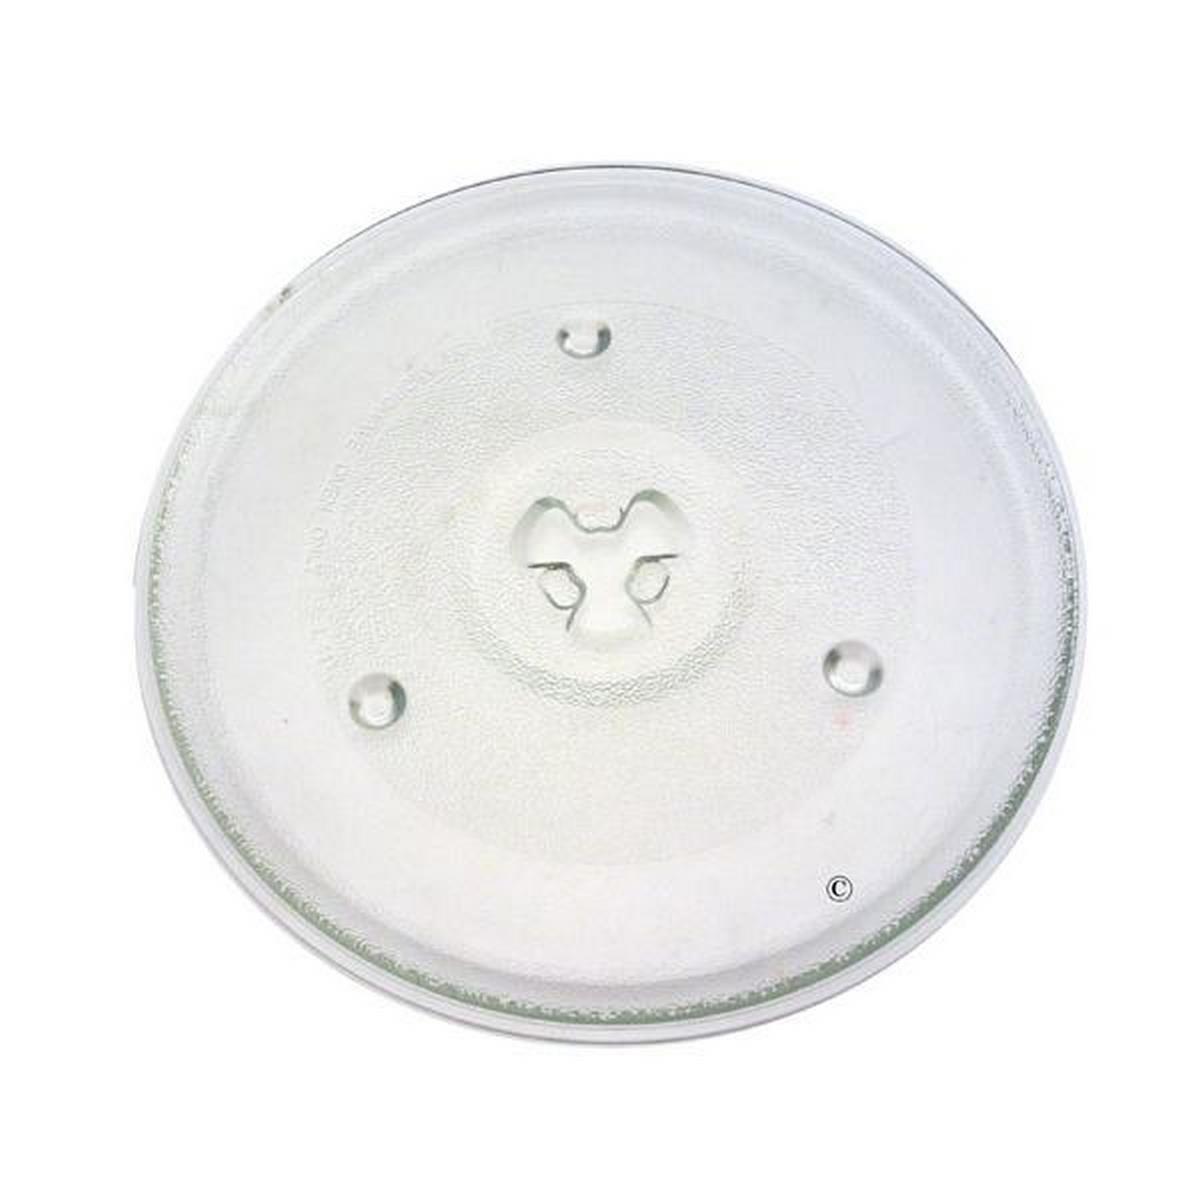 Bandeja de cristal - horno microondas - Whirlpool: Amazon.es ...